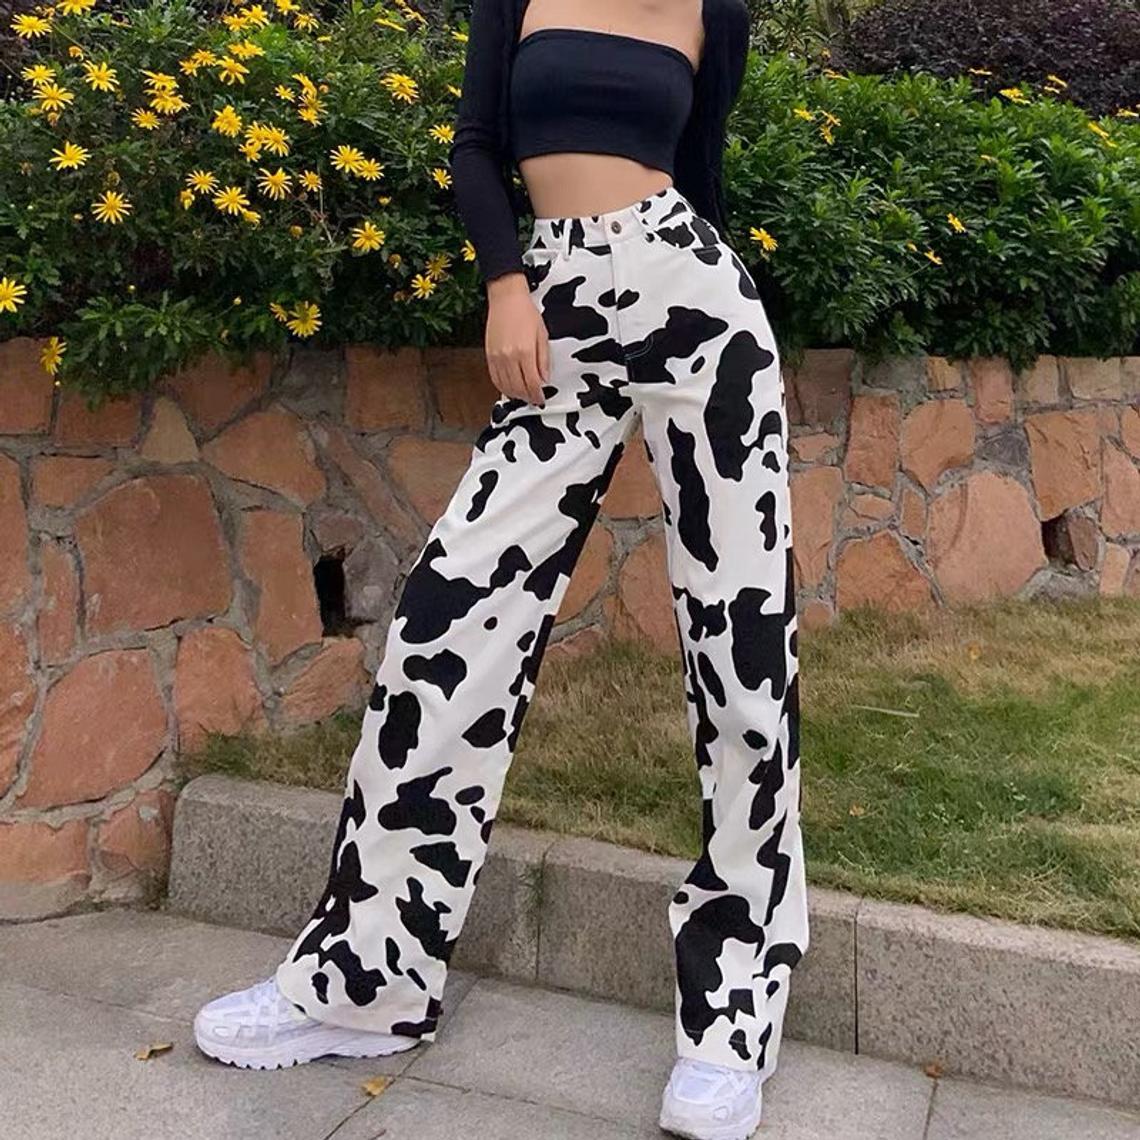 Y2k vintage cow pattern jeans (gaga)